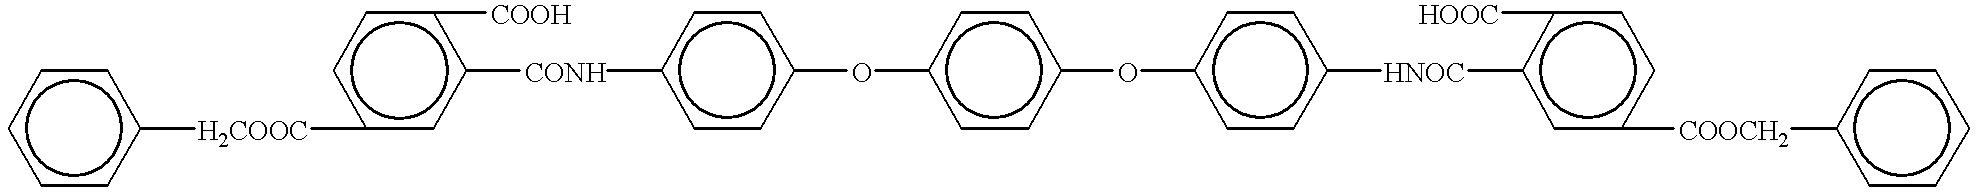 Figure US06180560-20010130-C00738